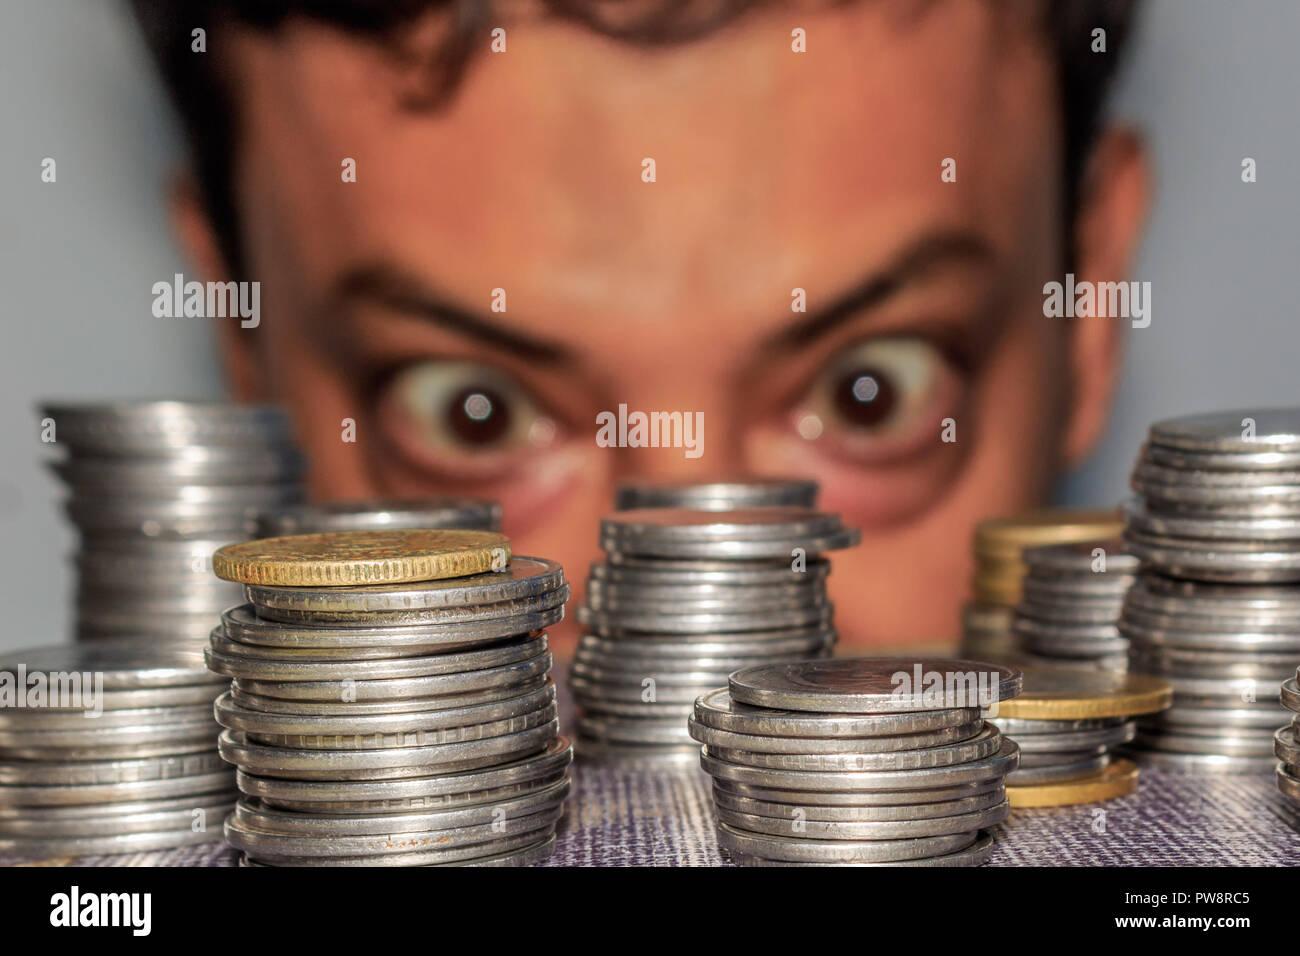 Focus sulla moneta. Un ricco avido uomo anziano guarda a monete. Il Collector esamina la sua ricchezza. Un uomo anziano staring al metallo denaro sul pavimento. Immagini Stock